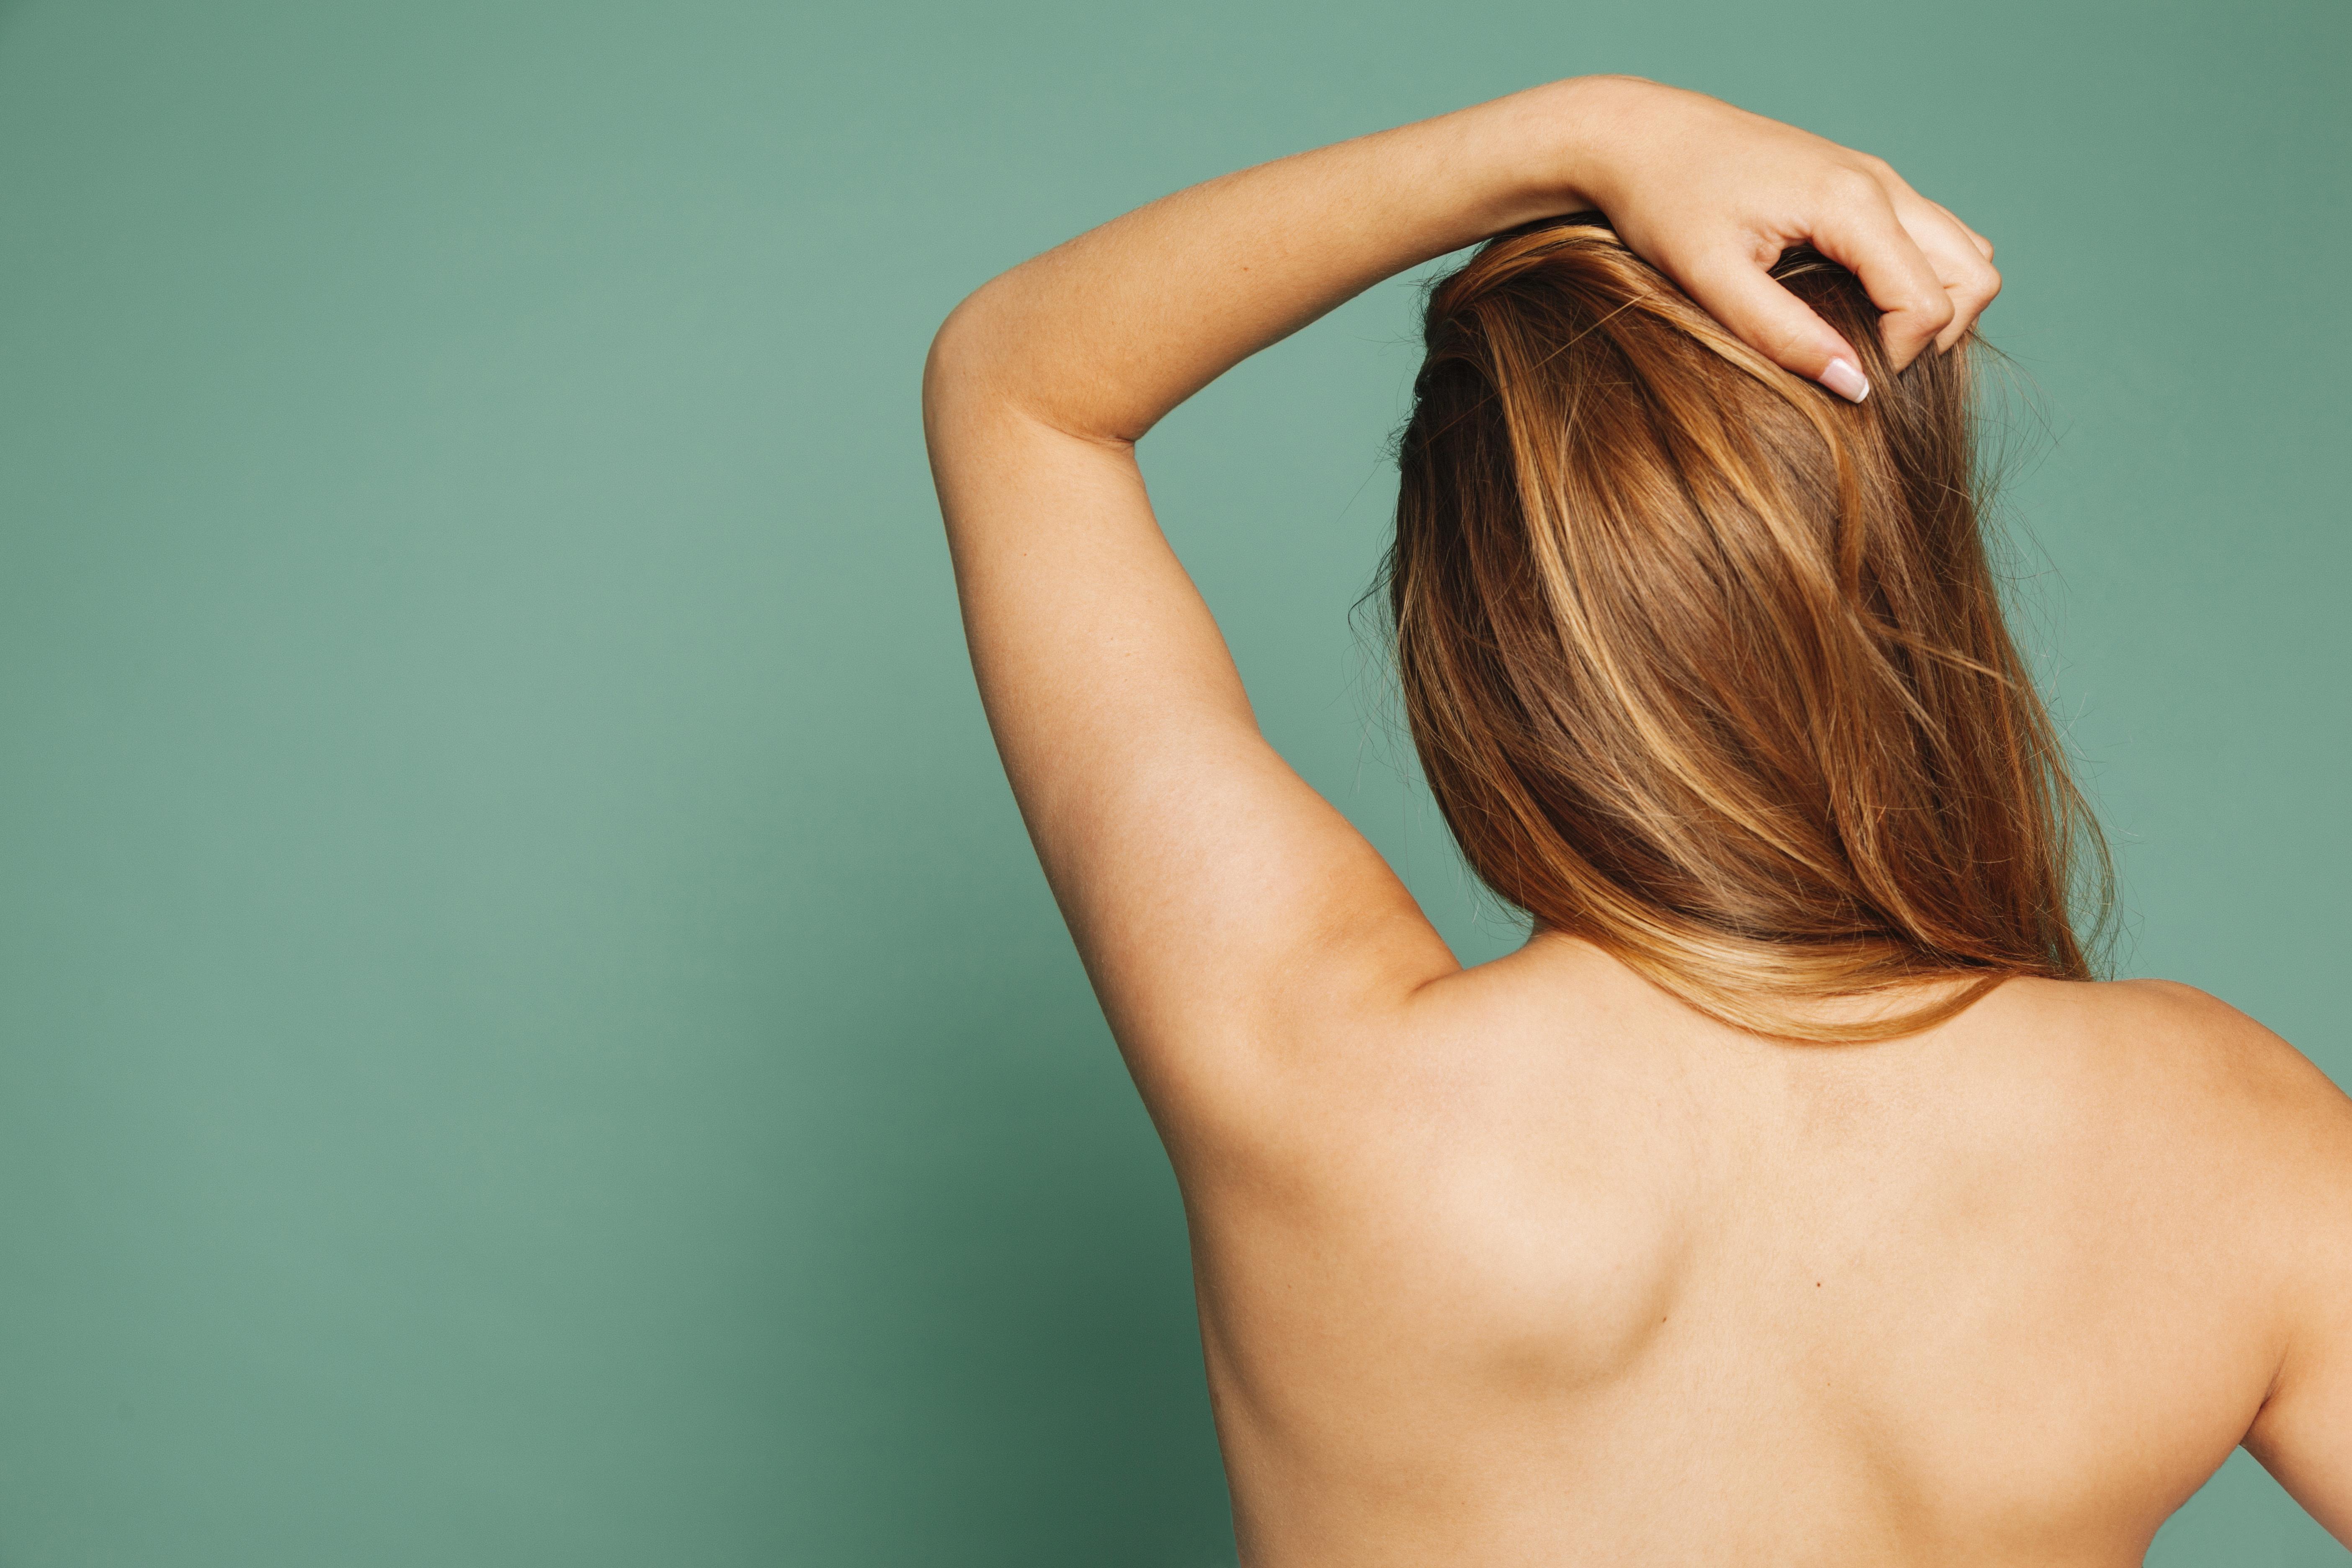 Cáncer de mama, cómo prevenirlo